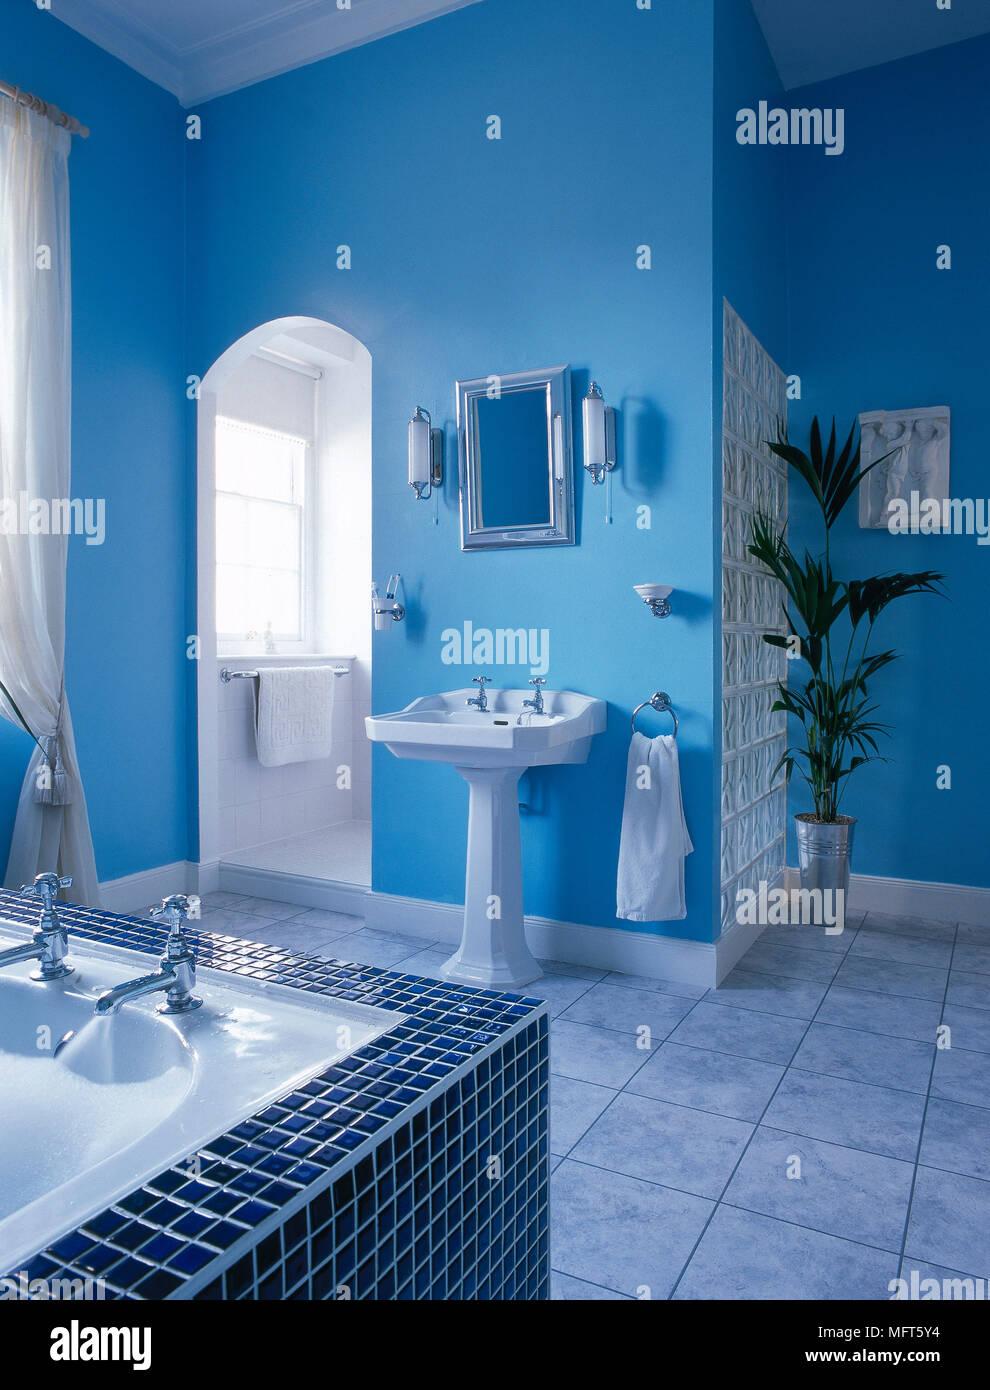 Un cuarto de ba o moderno con paredes azules ba o con azulejos de mosaico surround lavabo - Banos con azulejos azules ...